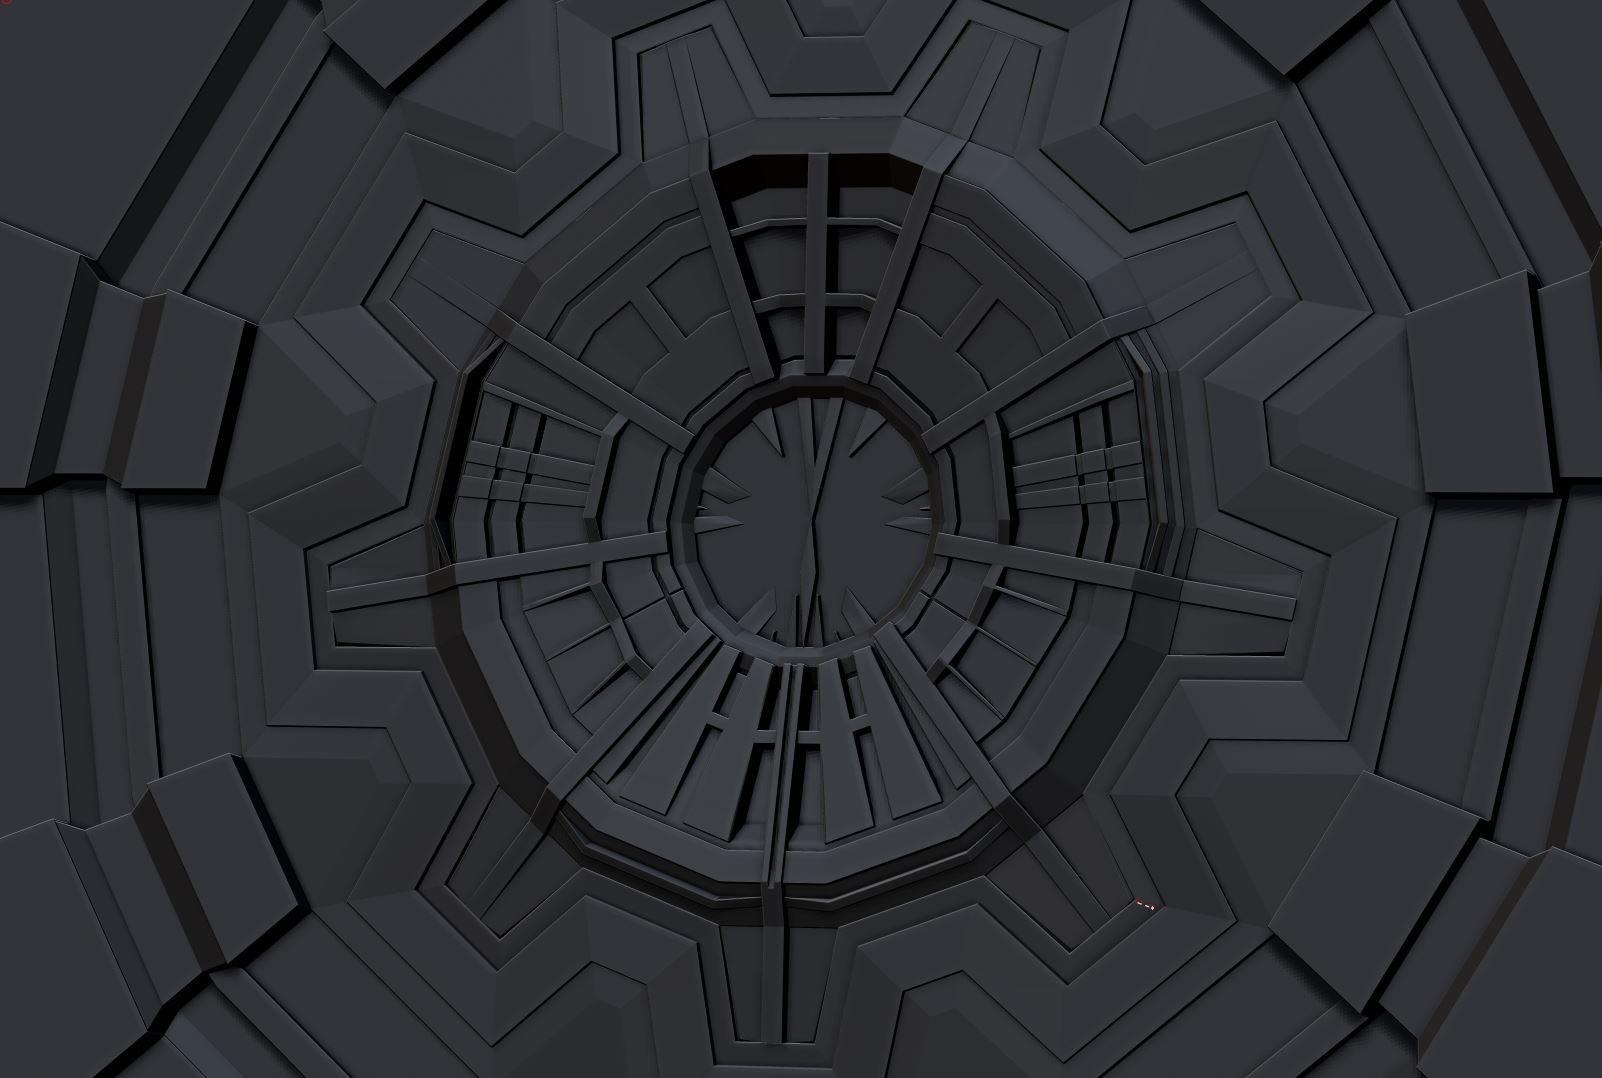 Kresimir jelusic 49 261115 fallout vault zbrush